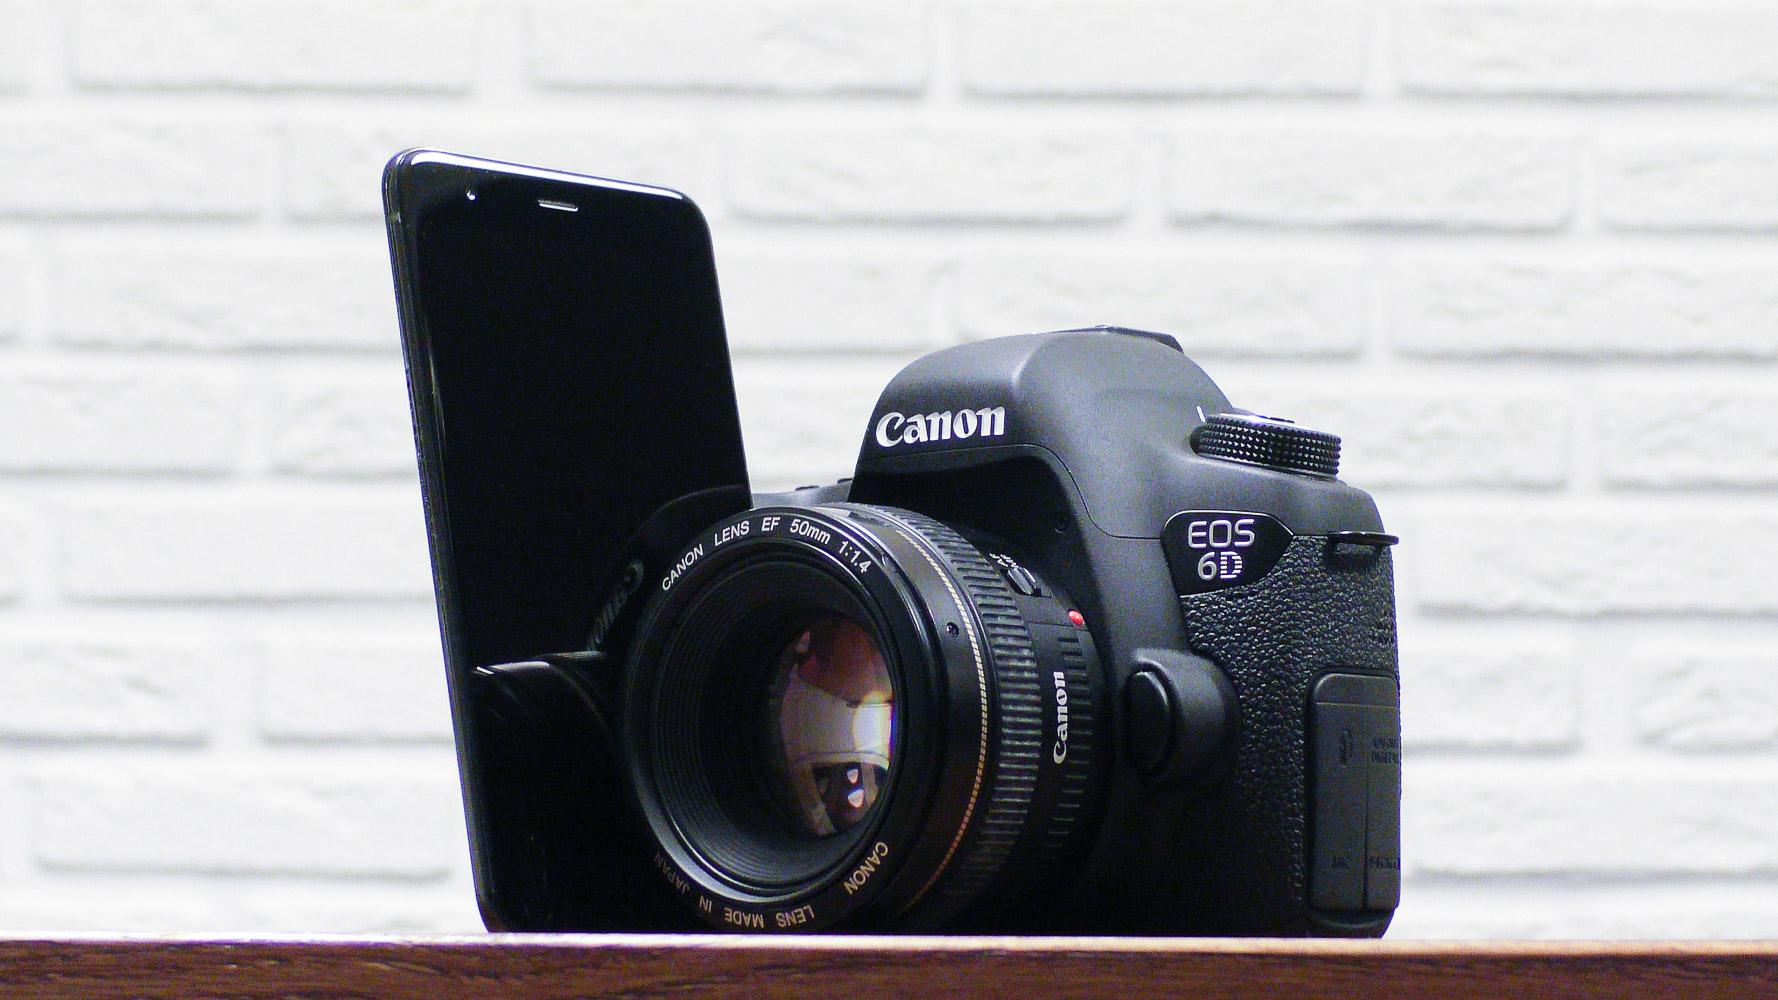 Как скрывают номера от камер автоматической фиксации - МК 67